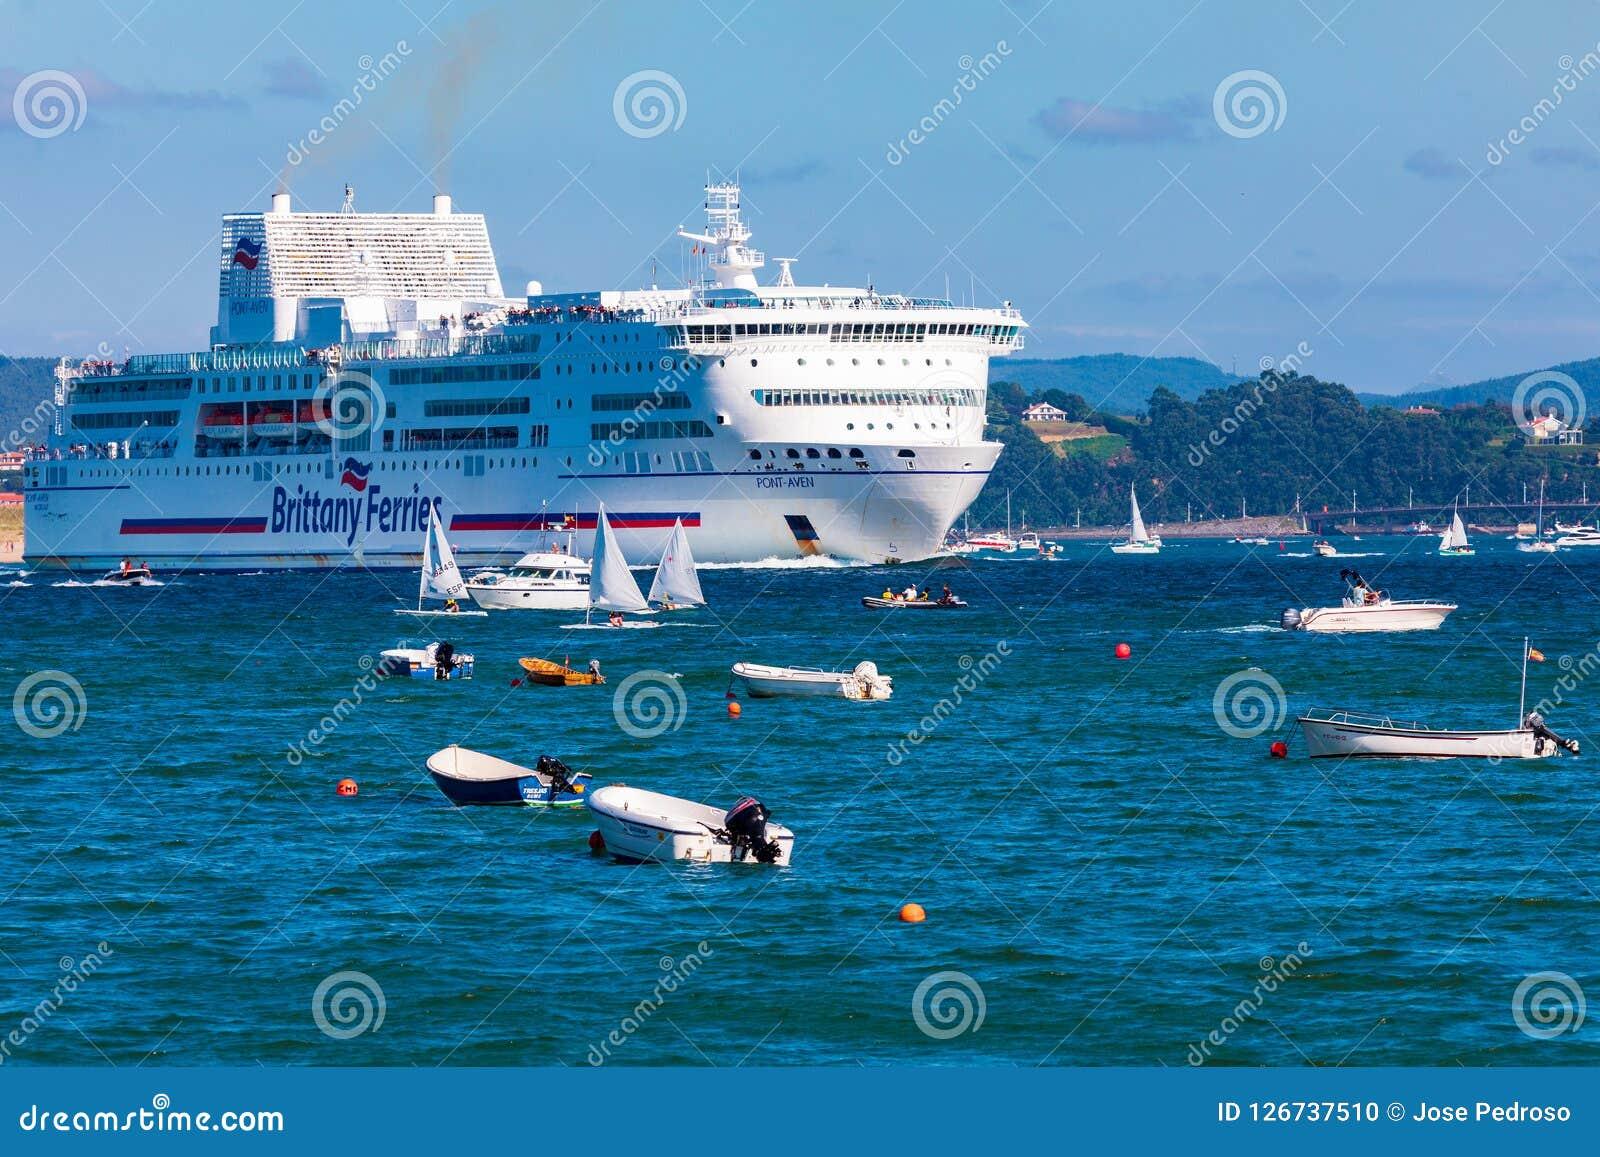 SANTANDER, SPANJE - AUGUSTUS 15, 2018 Ingang van het passagiersschip pont-Aven van het bedrijf Brittany Ferries in de Baai van Sa